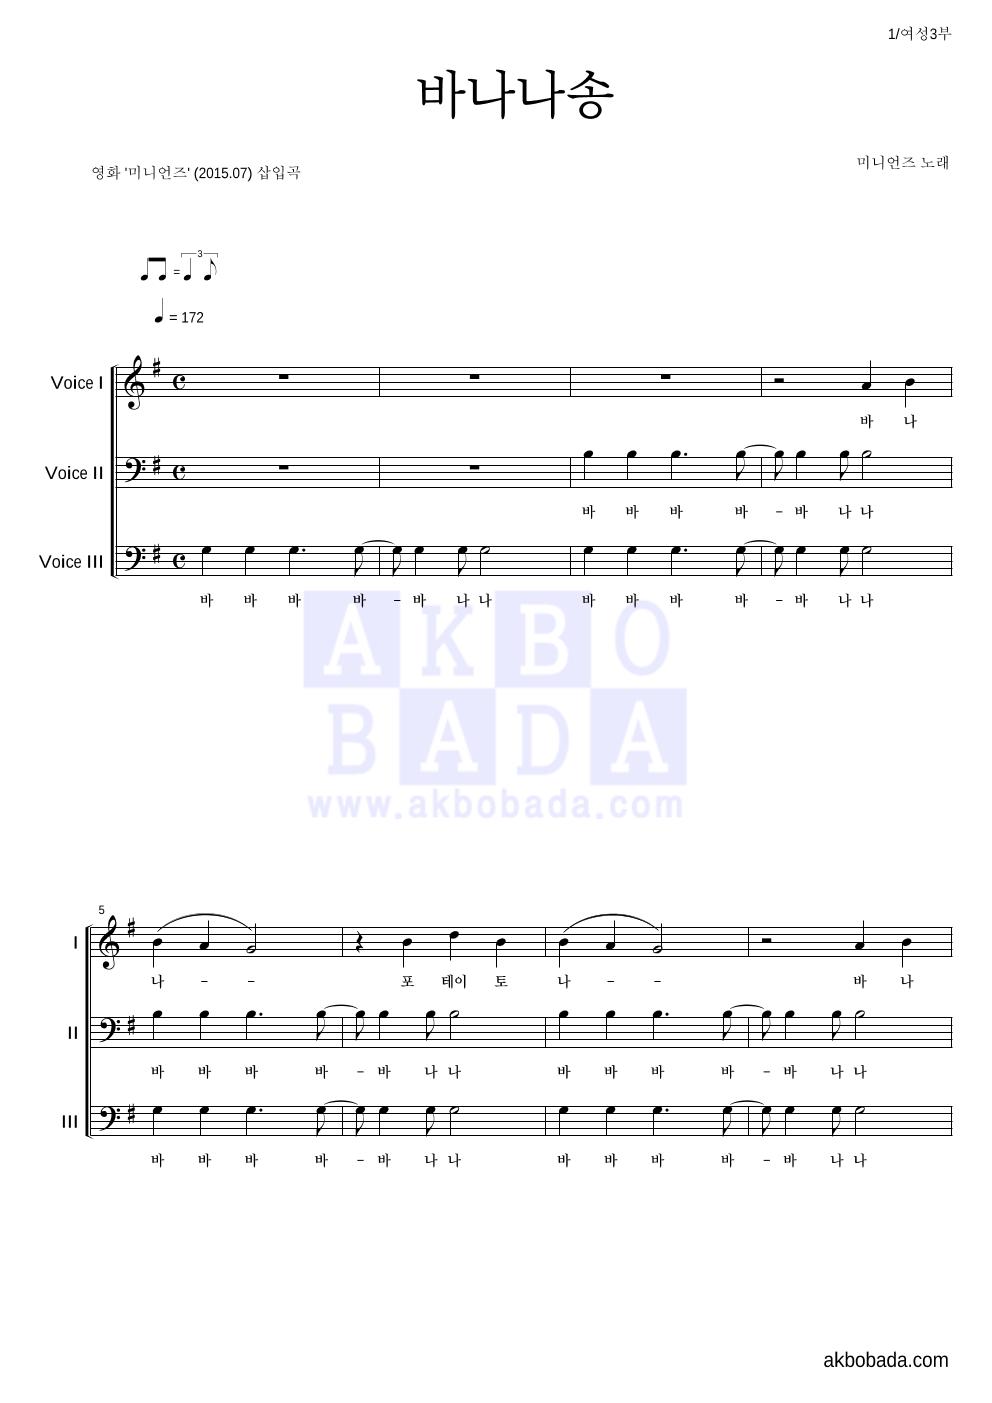 미니언즈 - 바나나송  악보